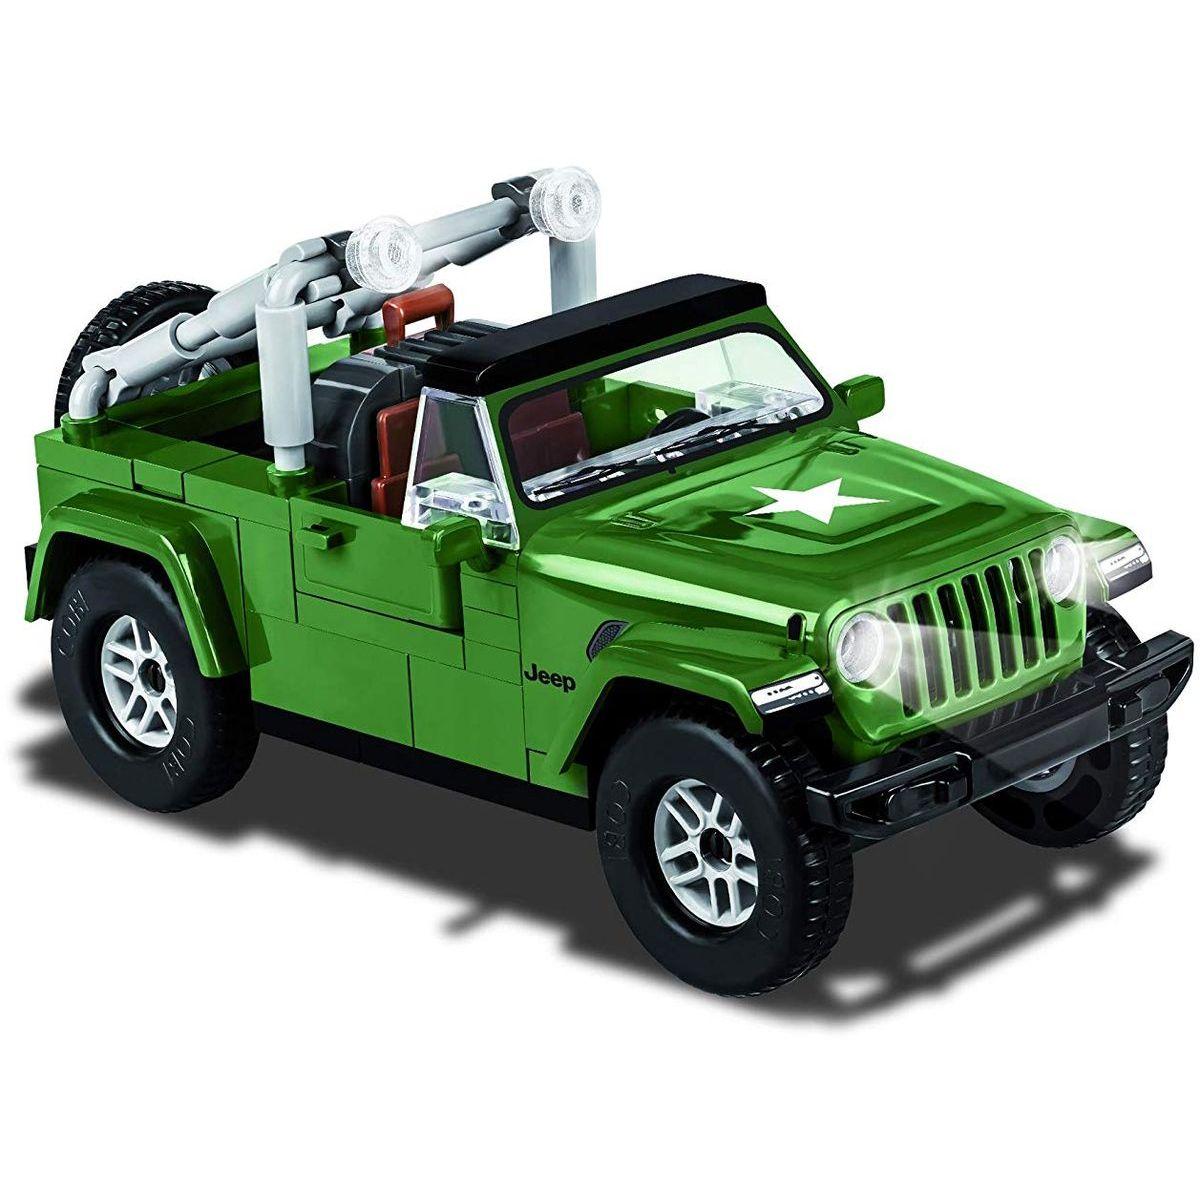 Cobi 24095 Small Army Jeep Wrangler vojenský, 1:35, 98 k